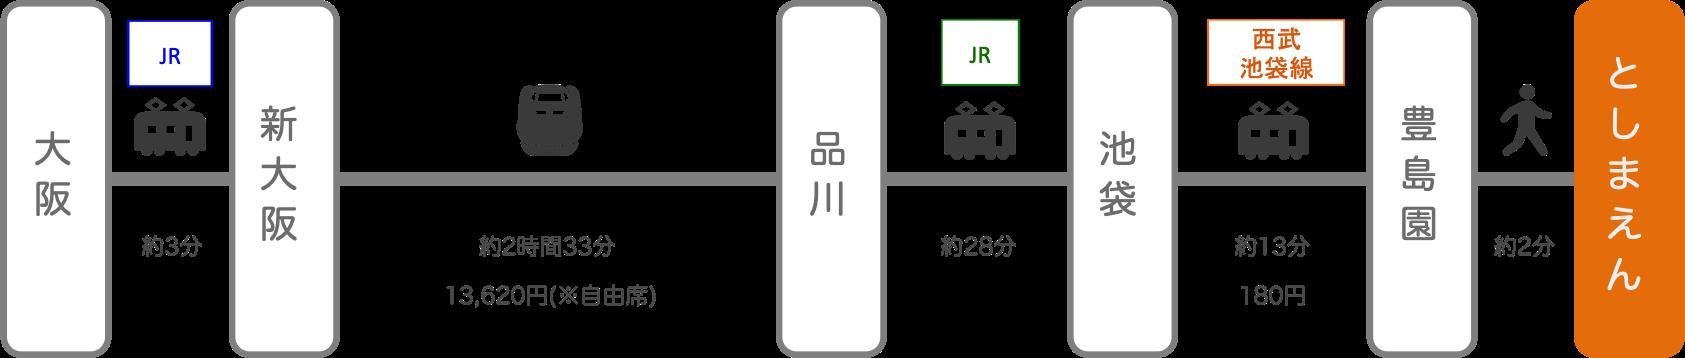 としまえん_大阪_新幹線